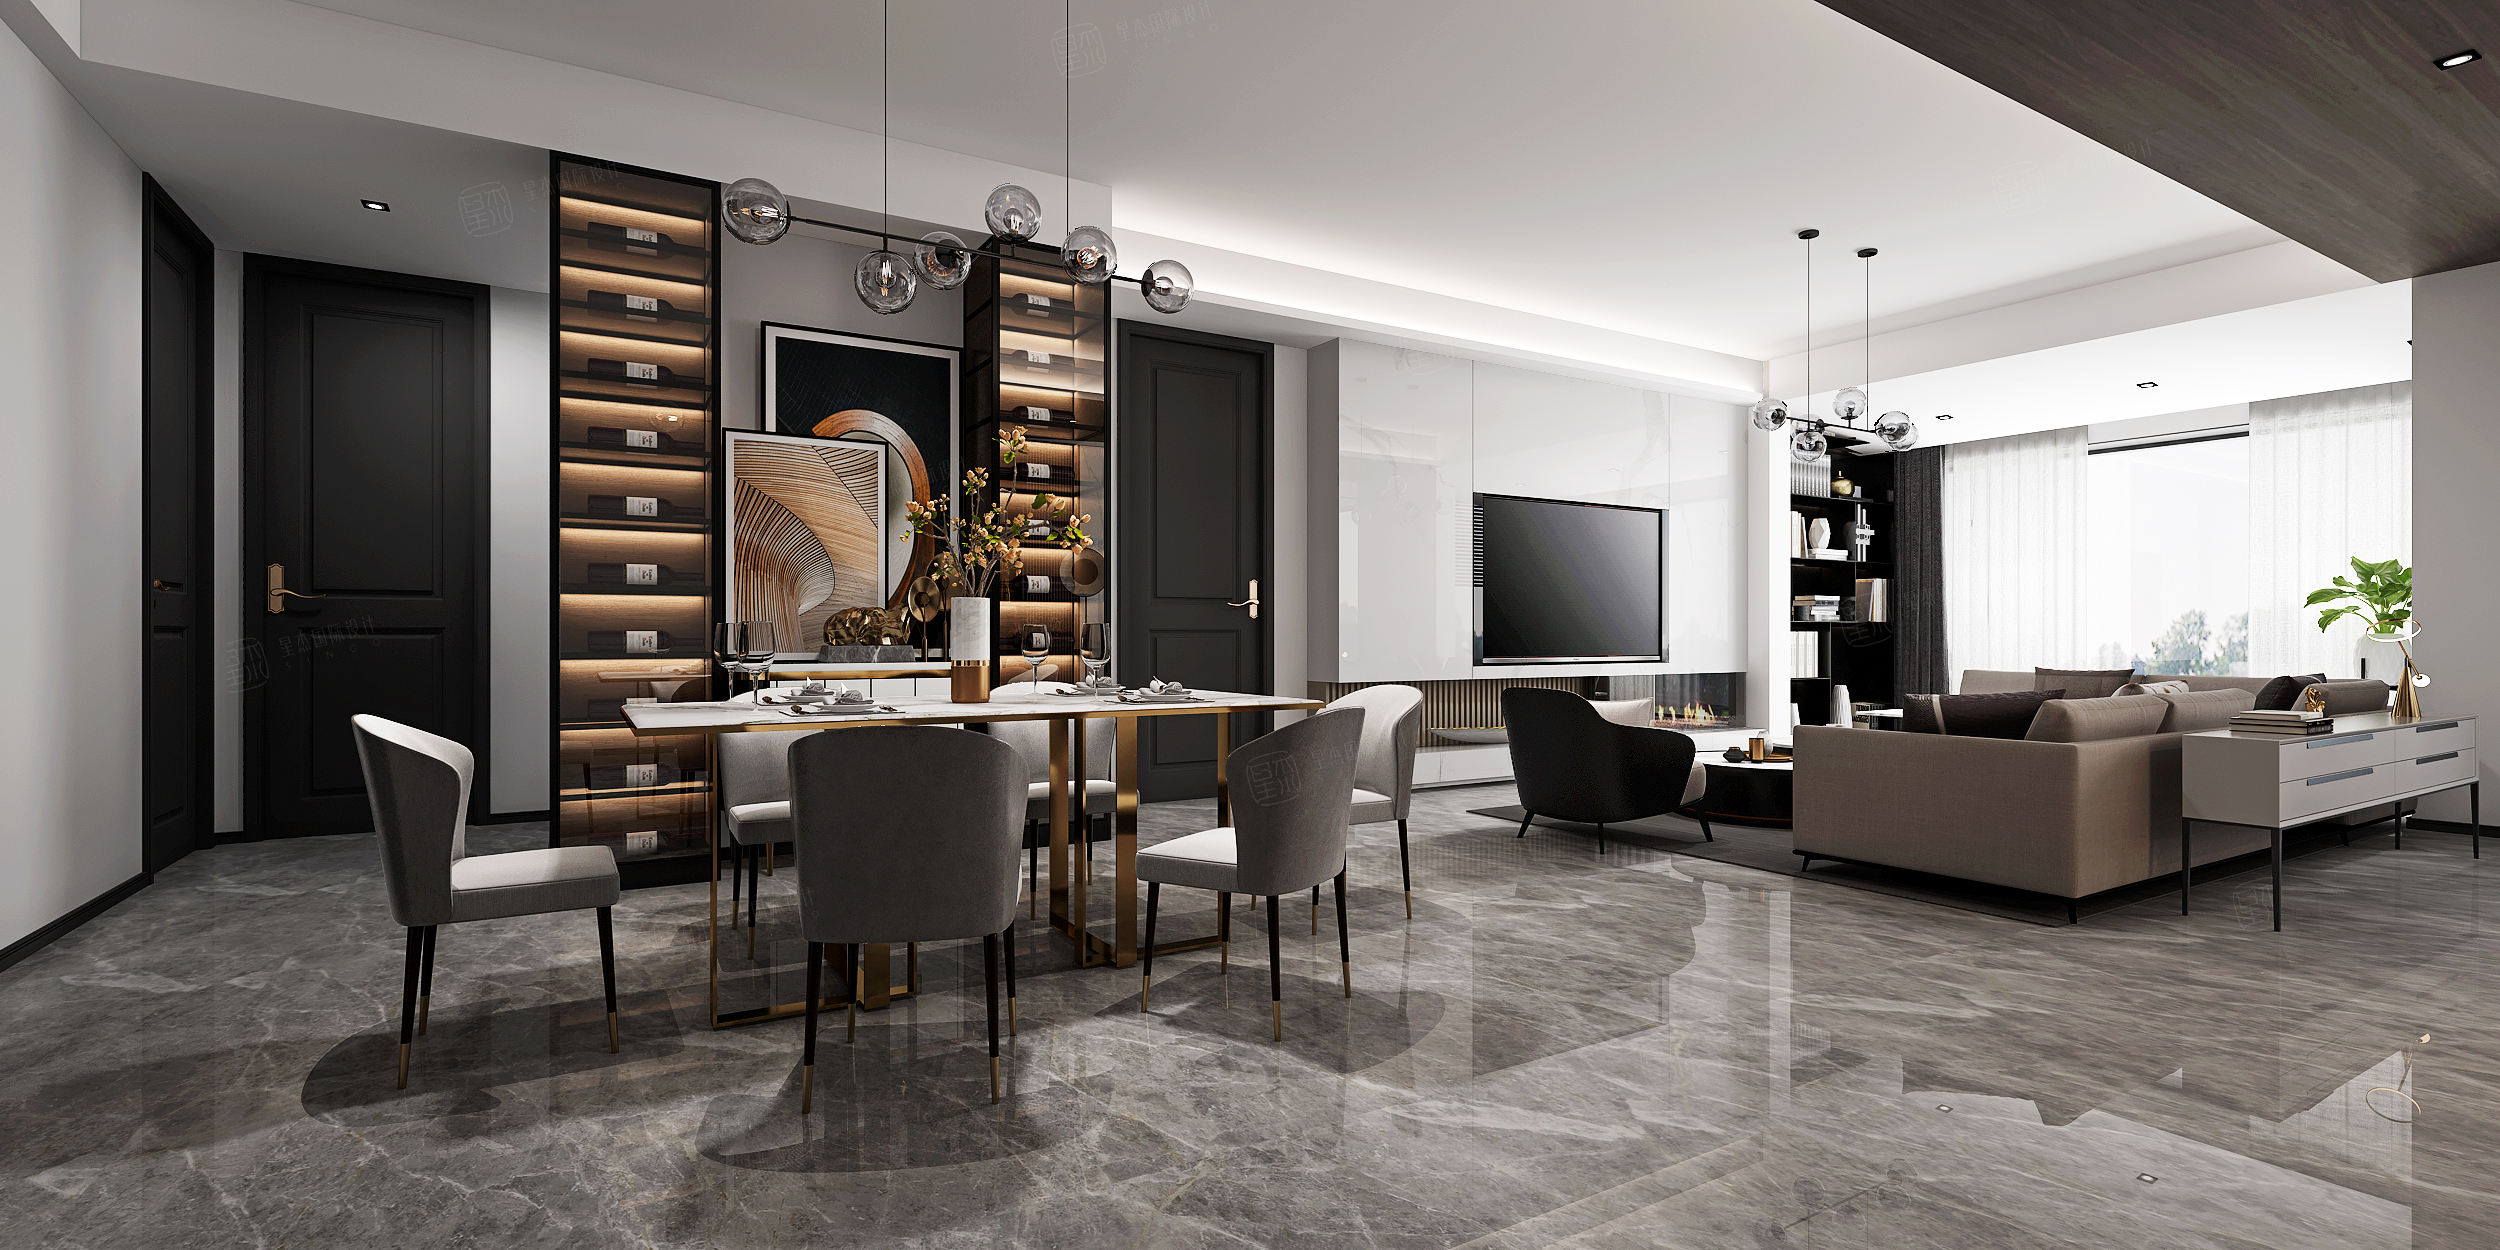 中环国际  现代装修餐厅效果图